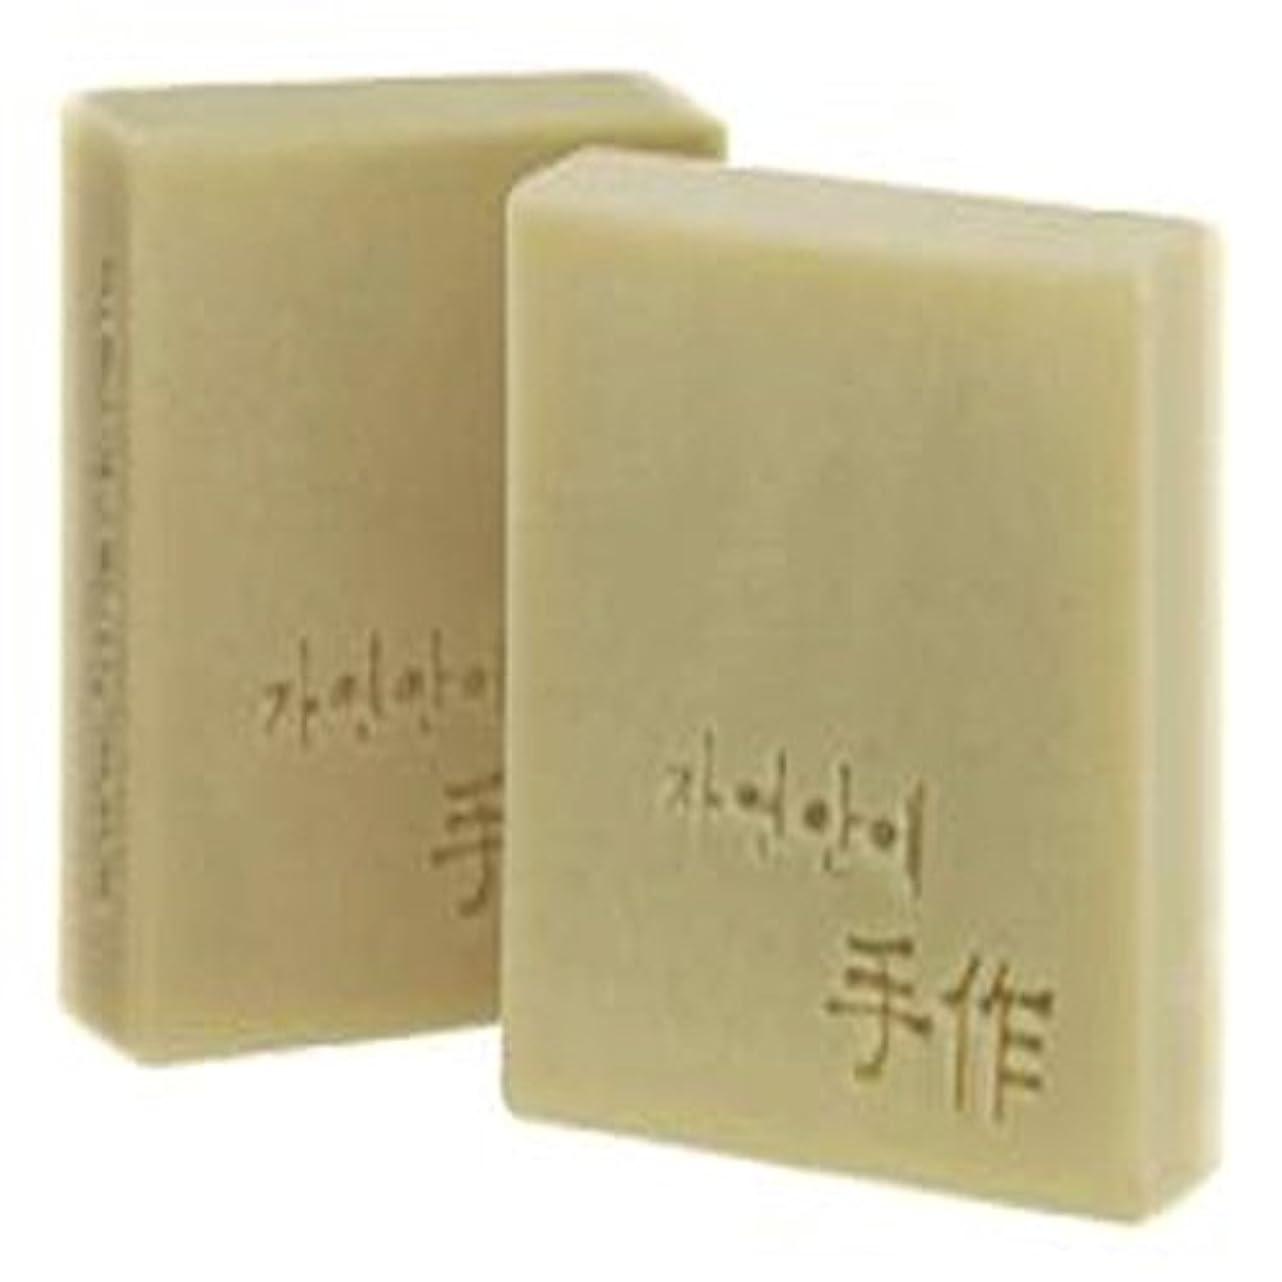 セクタホールド小包Natural organic 有機天然ソープ 固形 無添加 洗顔せっけん [並行輸入品] (マッコリ)